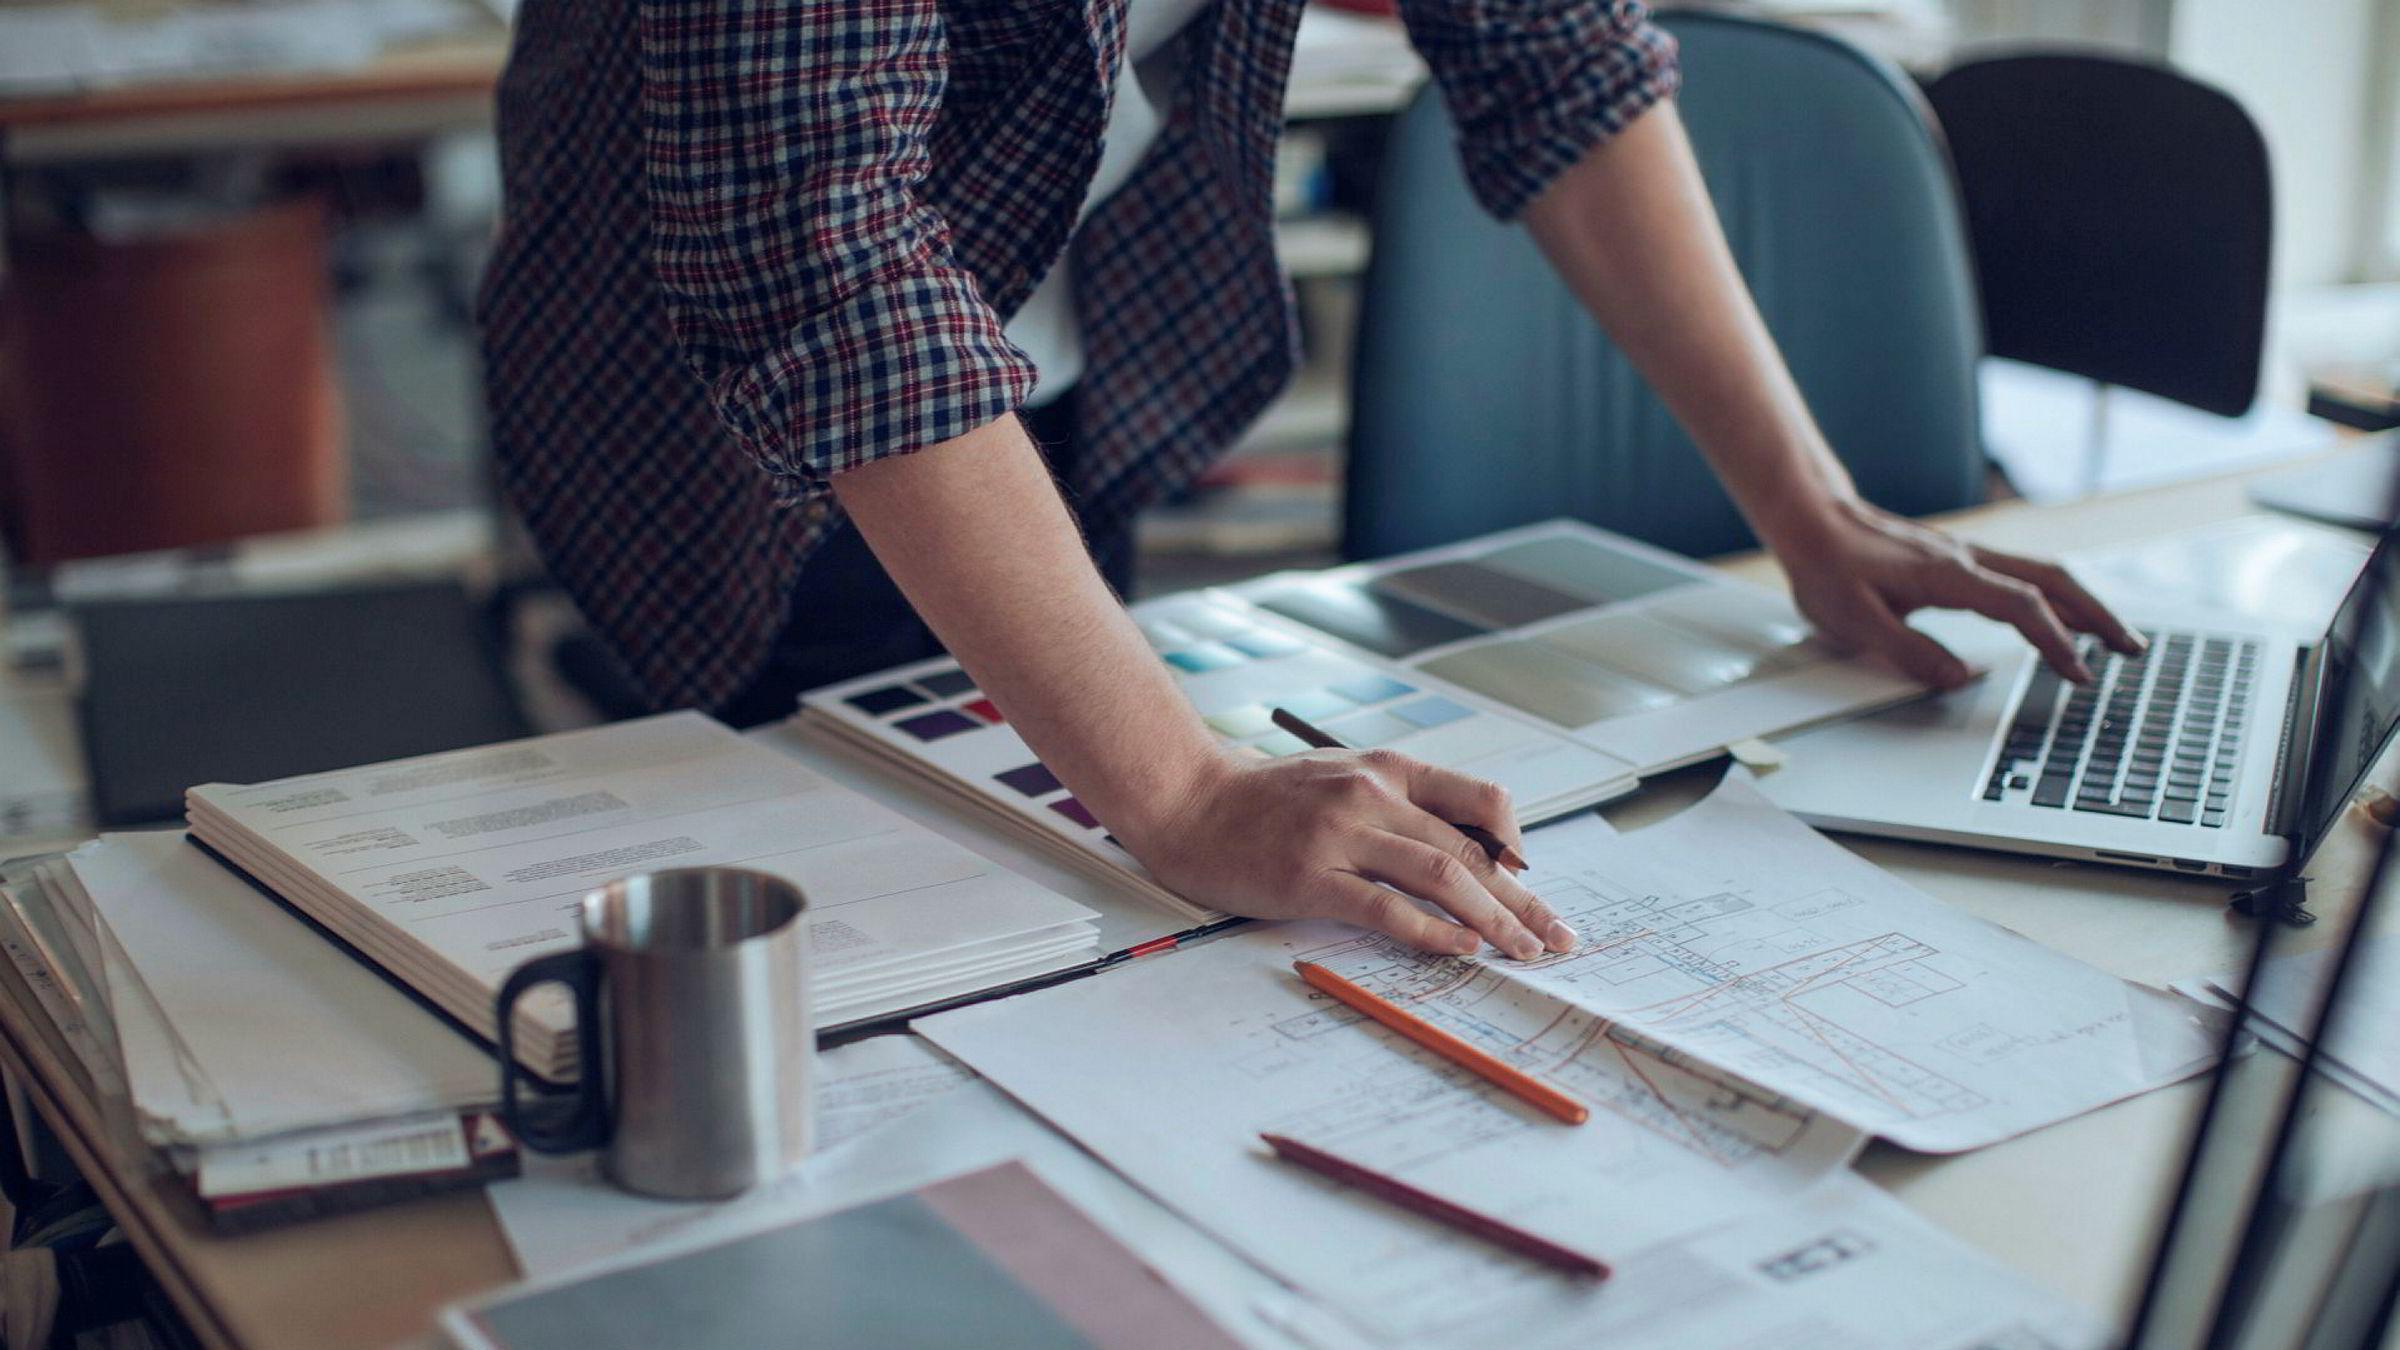 Oppstartsselskaper og andre som ikke kan trekke fra sine kostnader til nyskapning mot overskudd fra etablert virksomhet, blir i praksis diskriminert, skriver artikkelforfatterne.